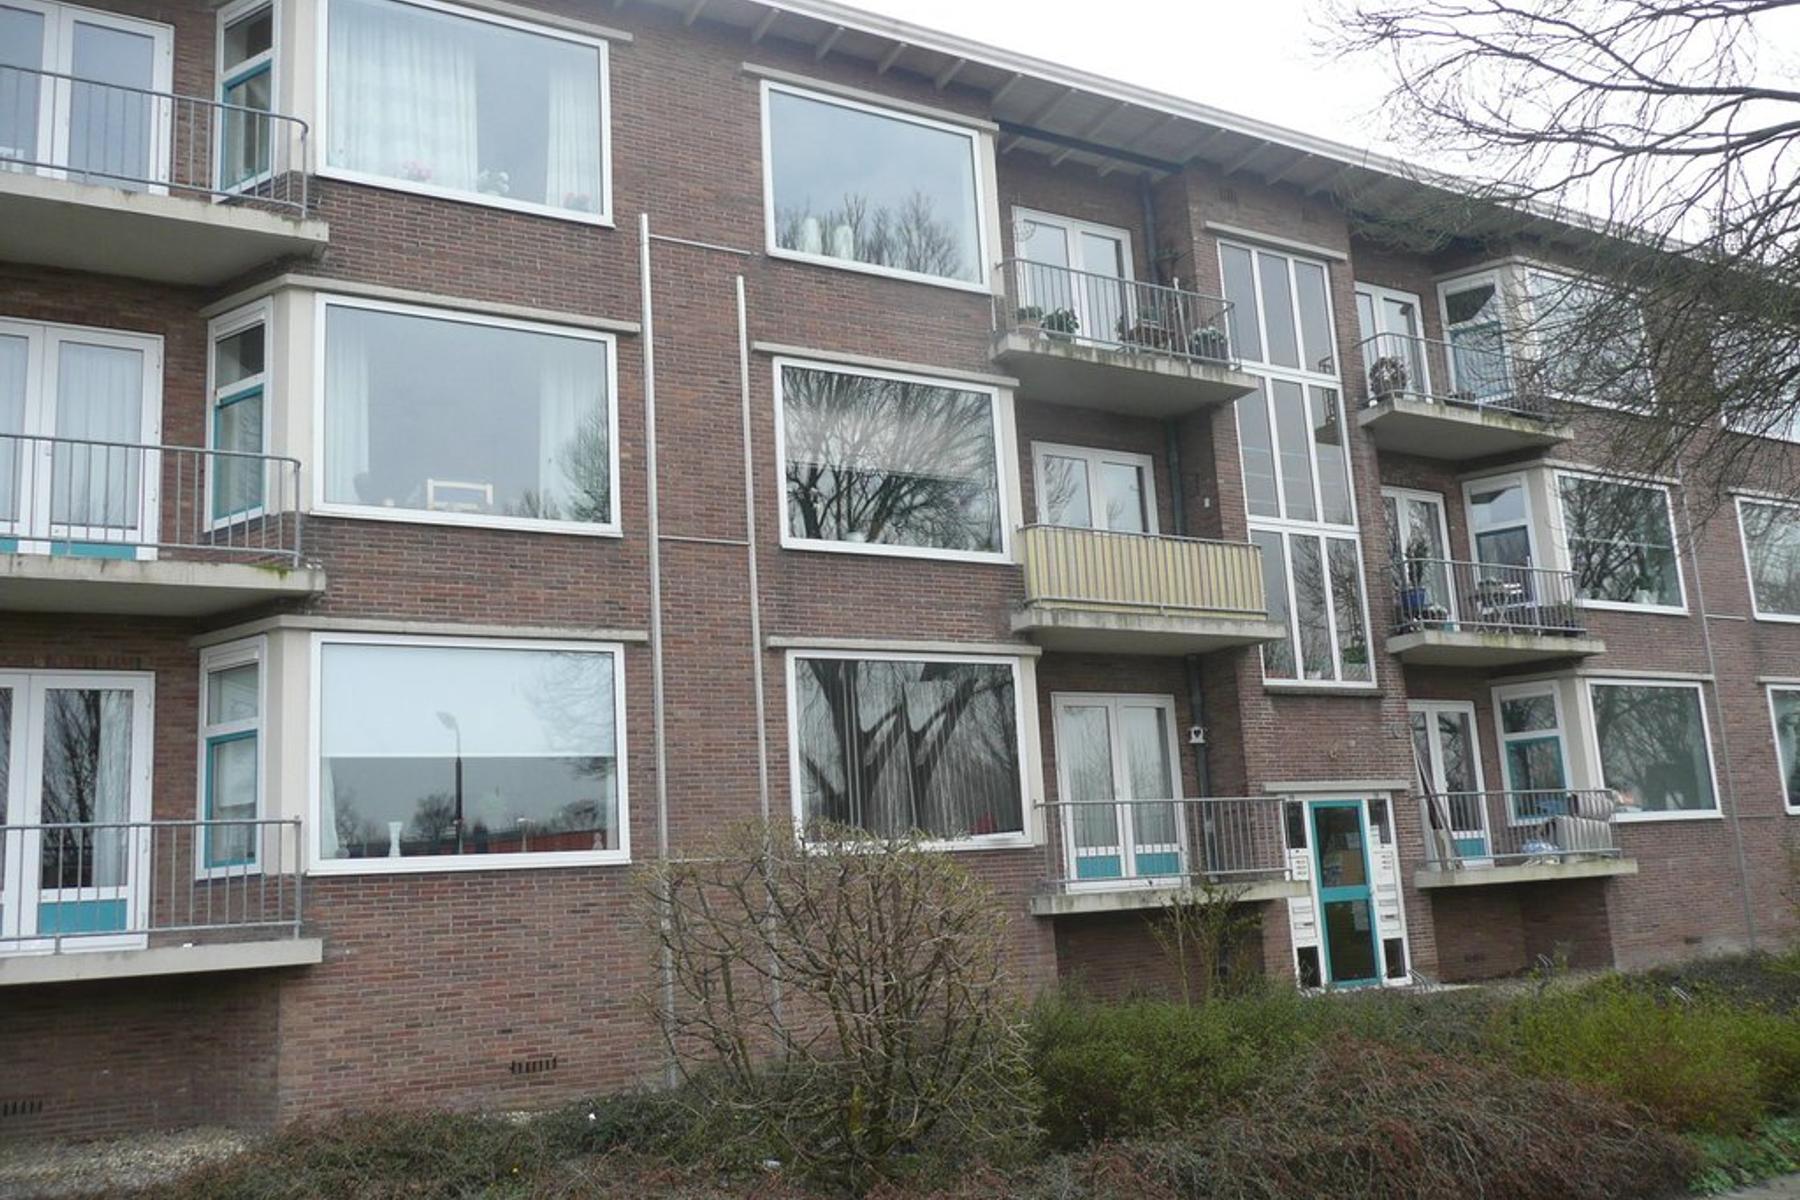 Iepenstraat 12 C in Leeuwarden 8924 EH